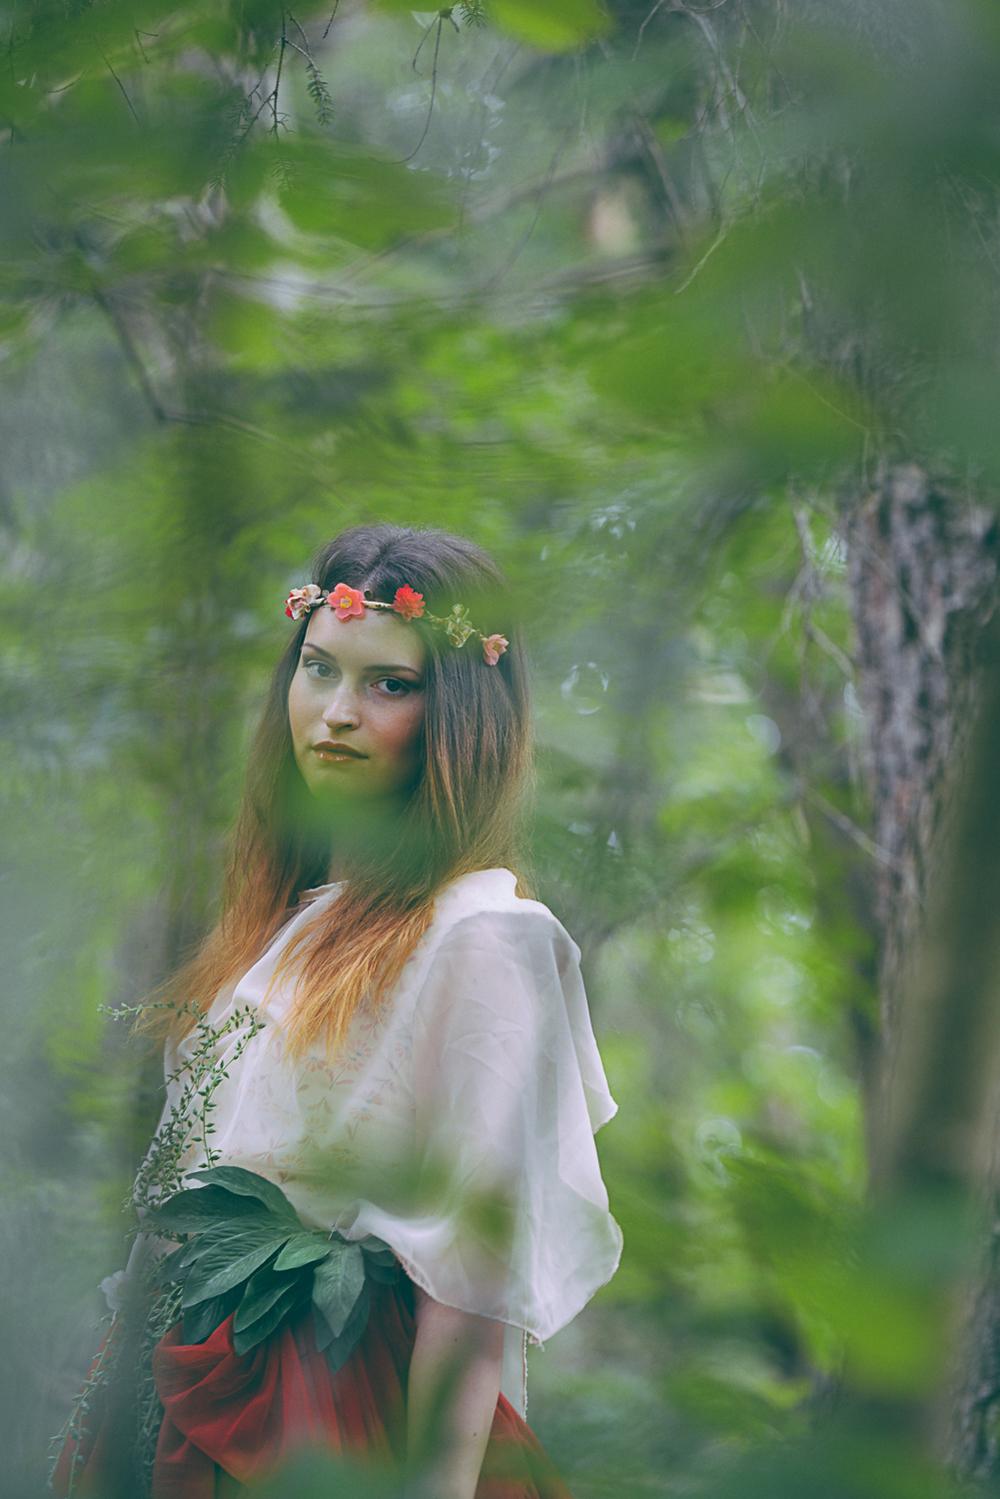 Woman Portrait Photography